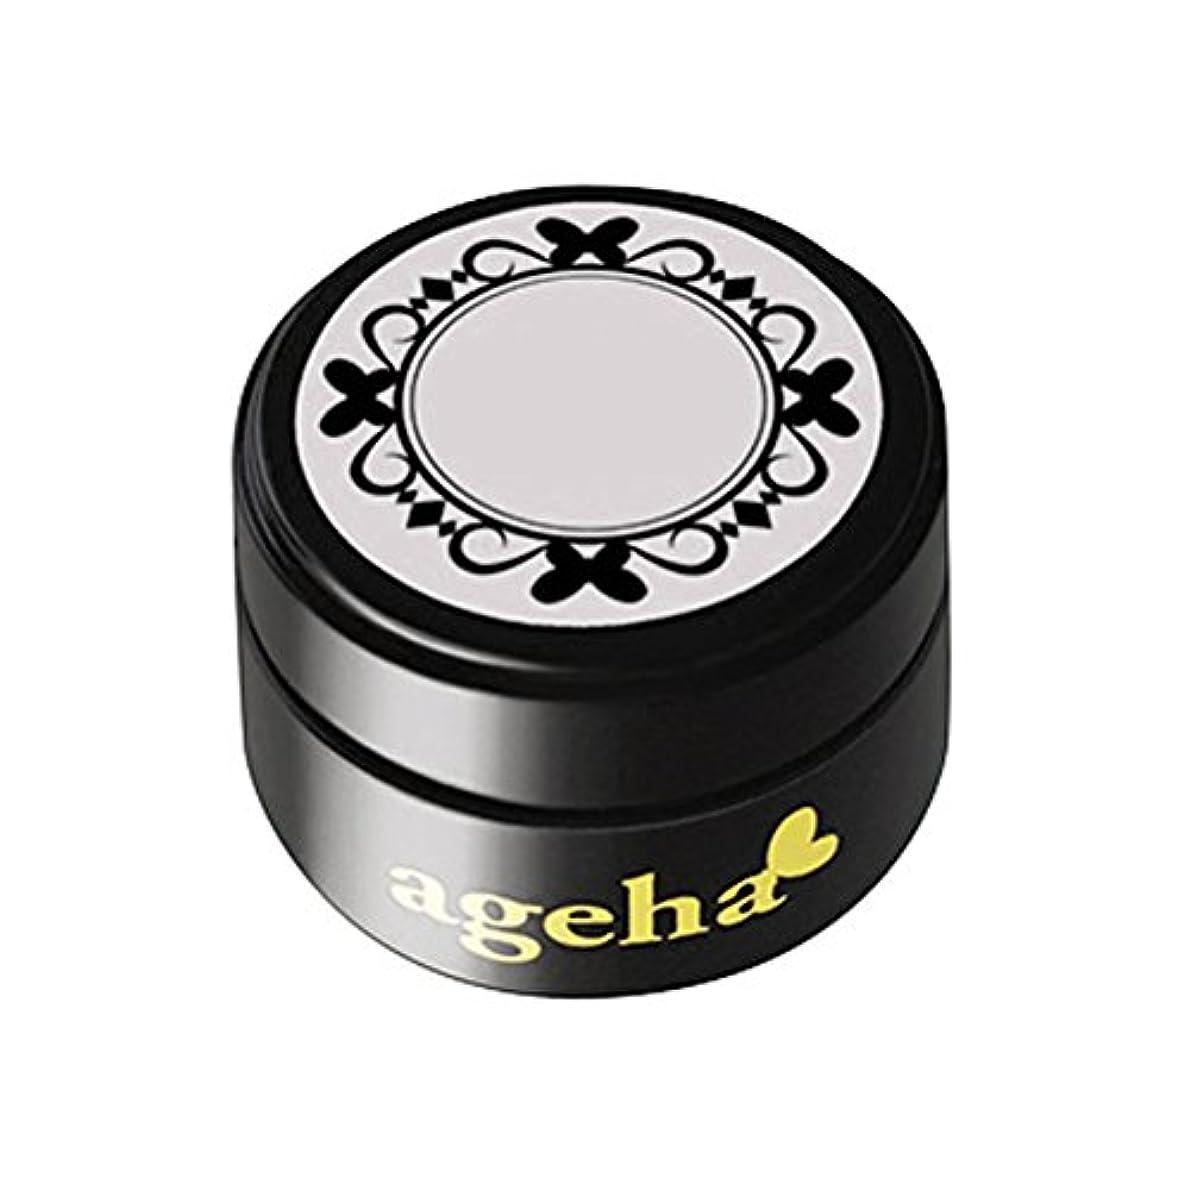 連想おじさん失礼ageha gel カラージェル コスメカラー 209 ビスケット 2.7g UV/LED対応